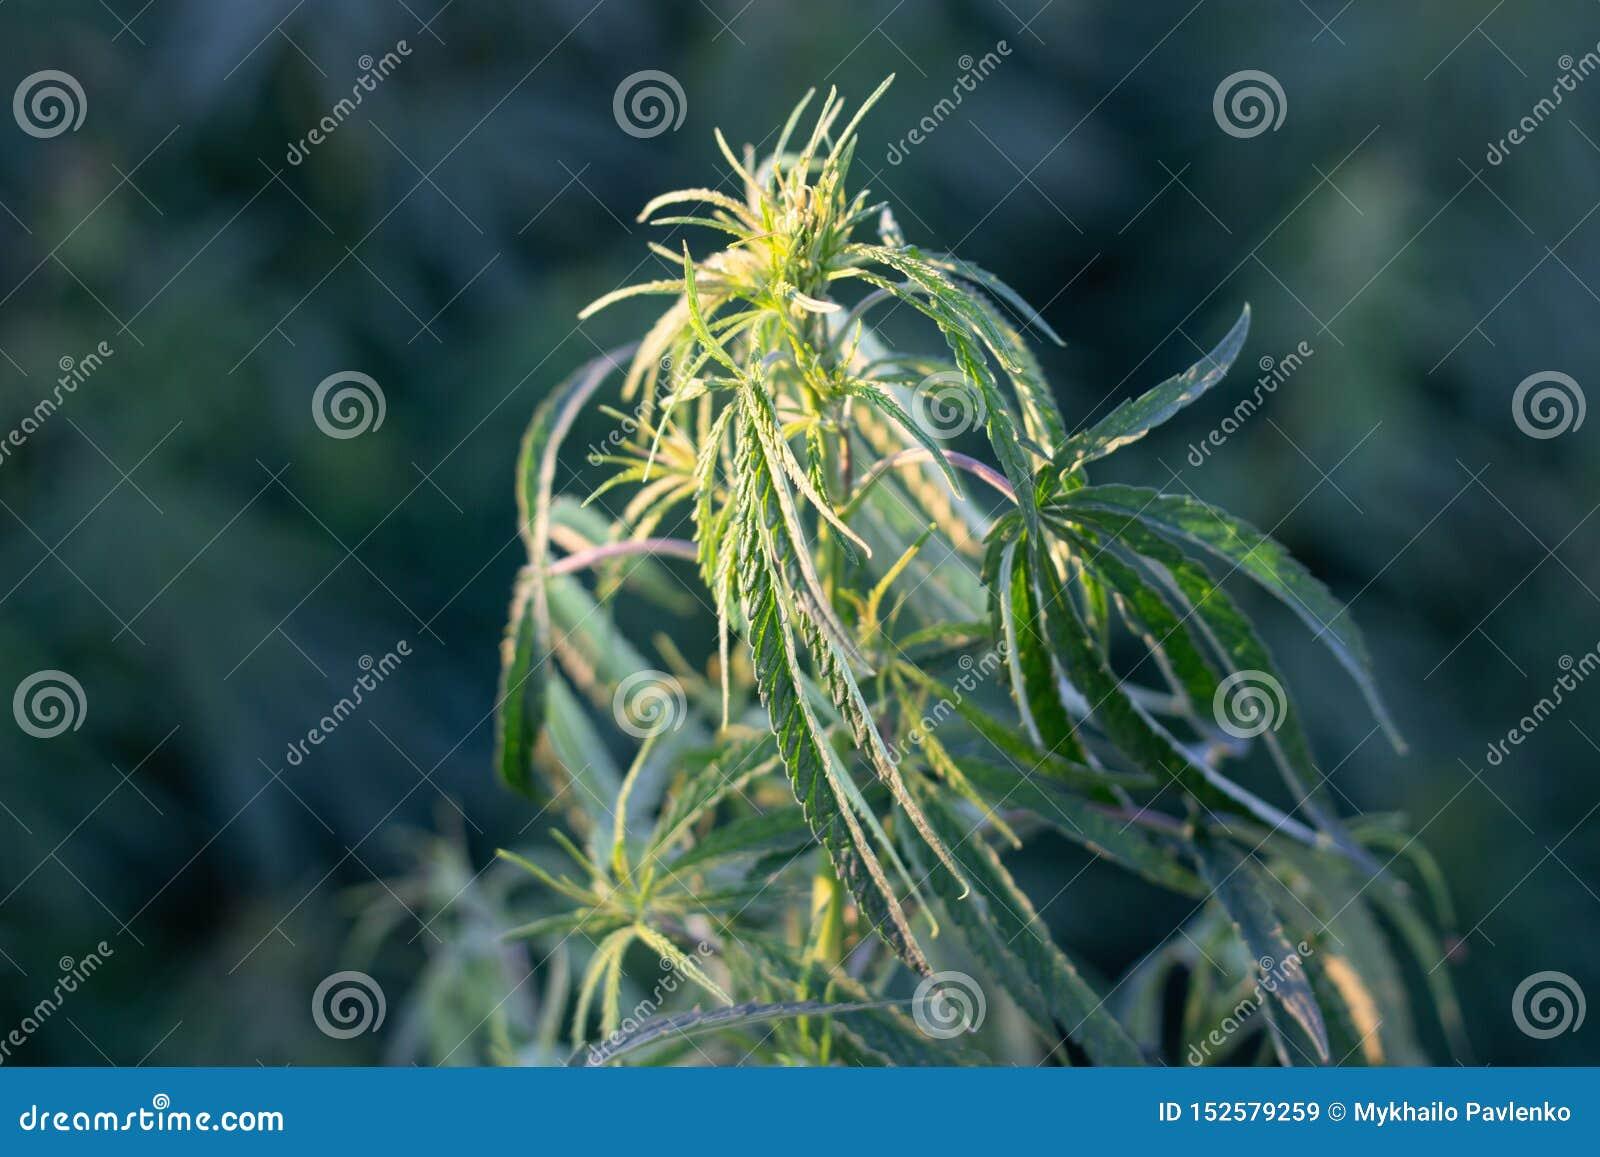 Ένας θάμνος μαριχουάνα, με τους ισχυρούς κλάδους στους οποίους ώριμοι σπόροι